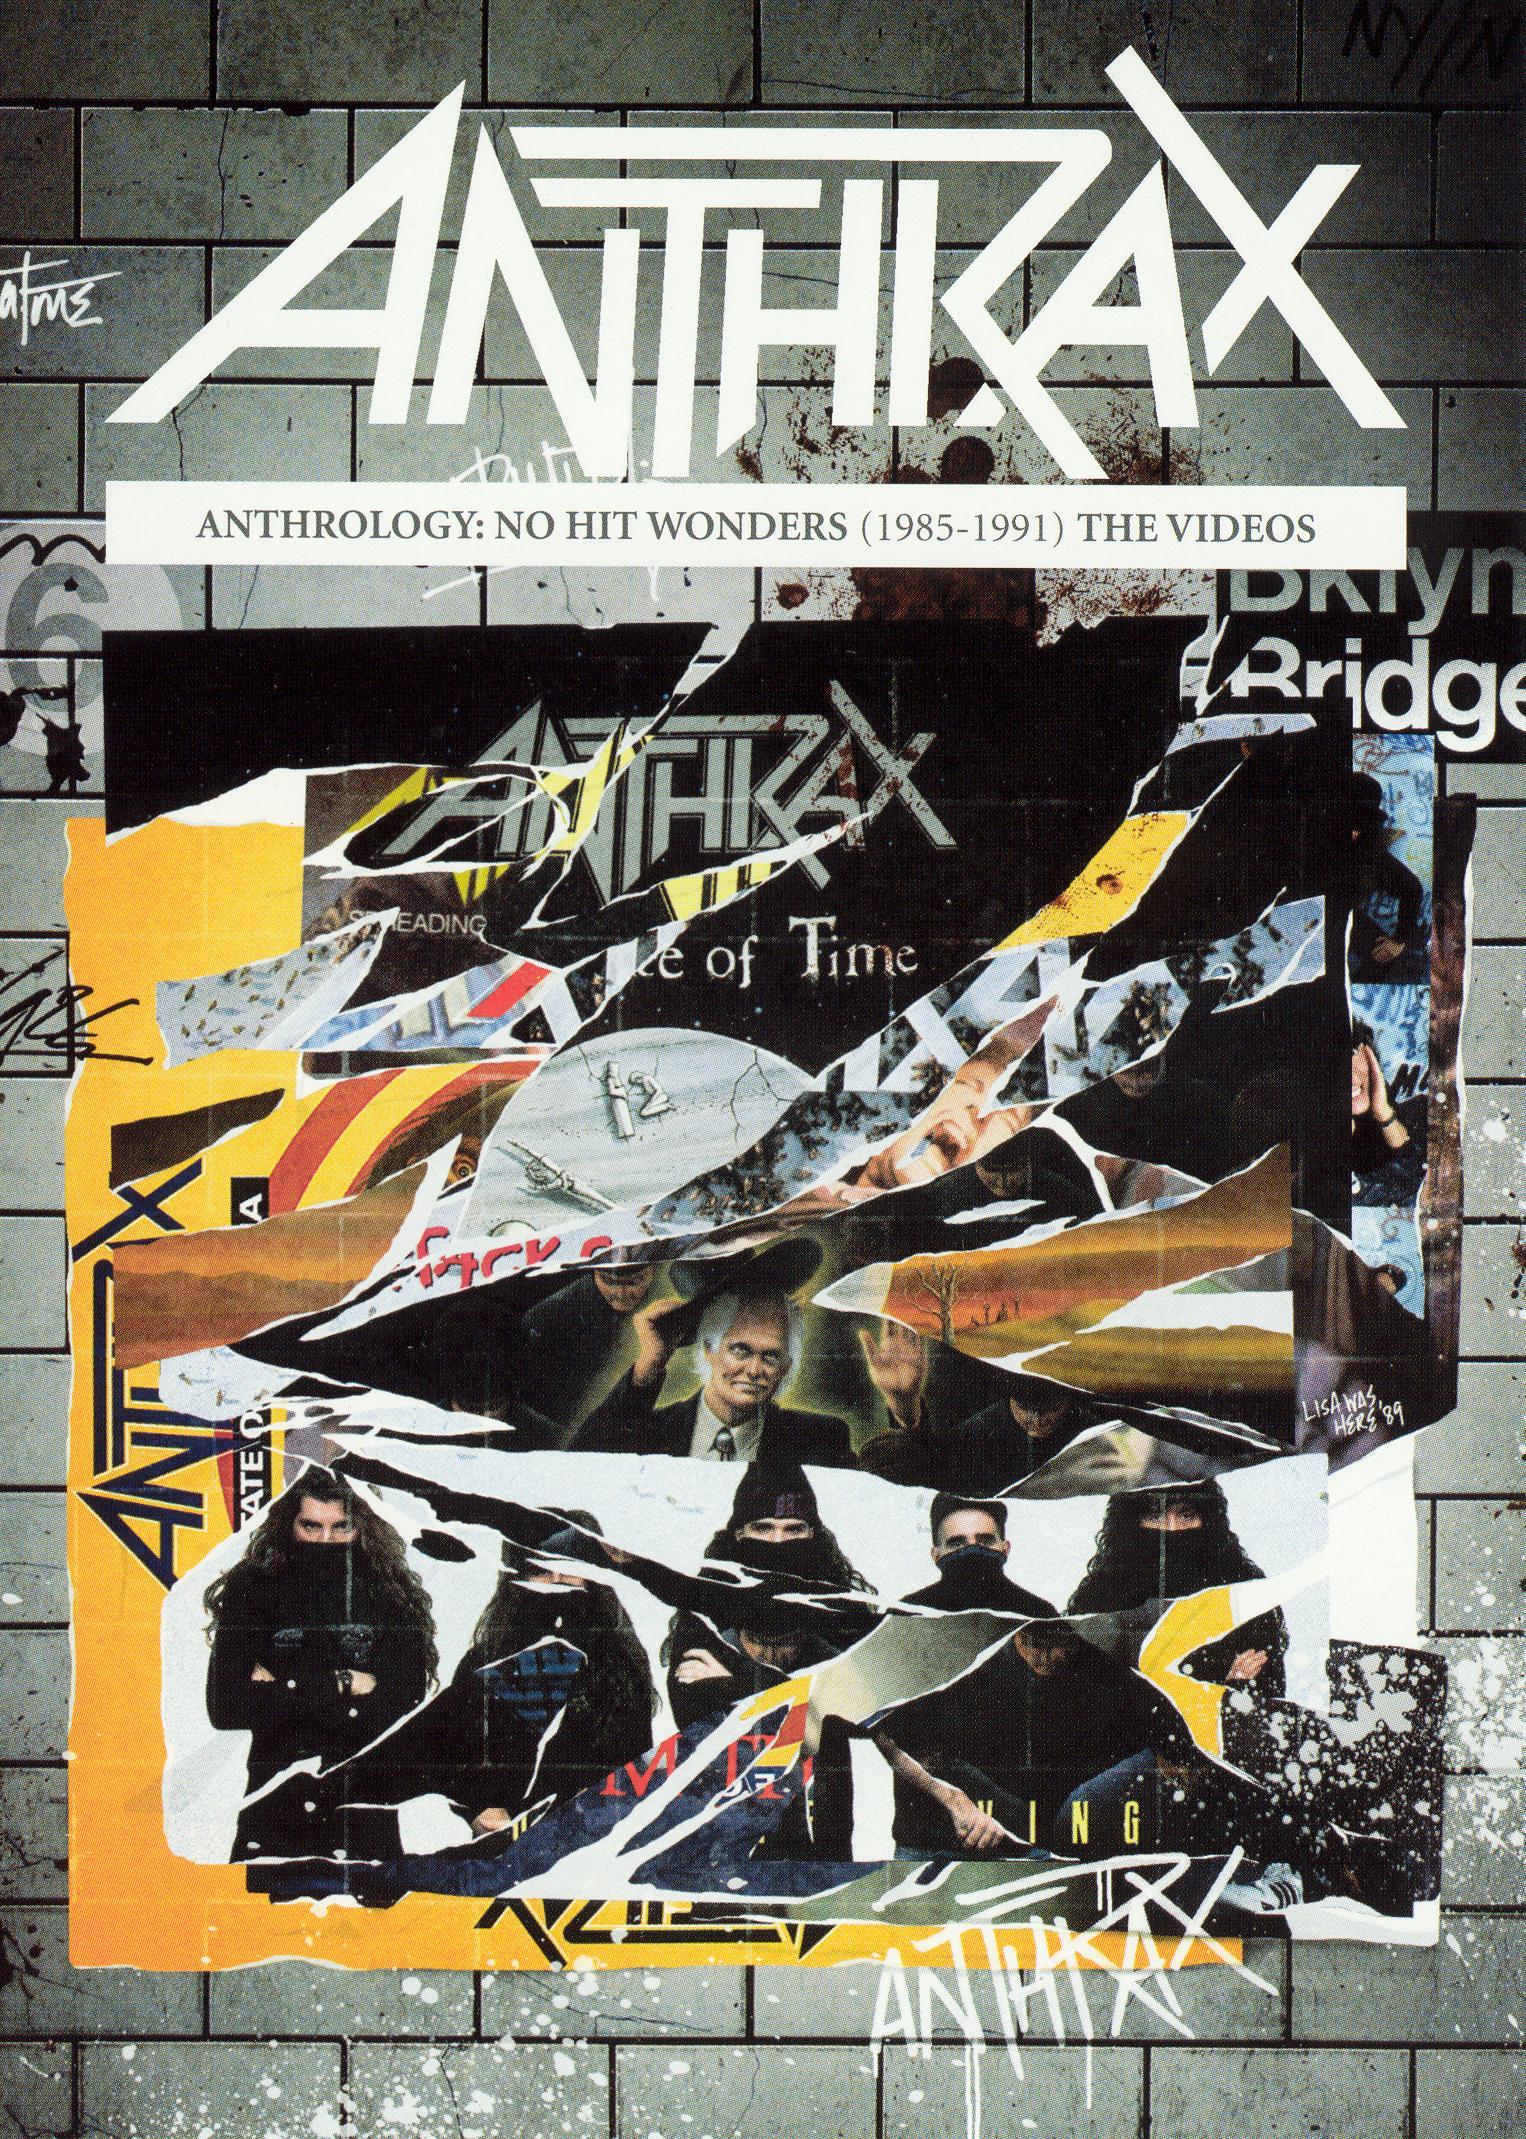 Anthrax: Anthrology - No Hit Wonders 1985-1991